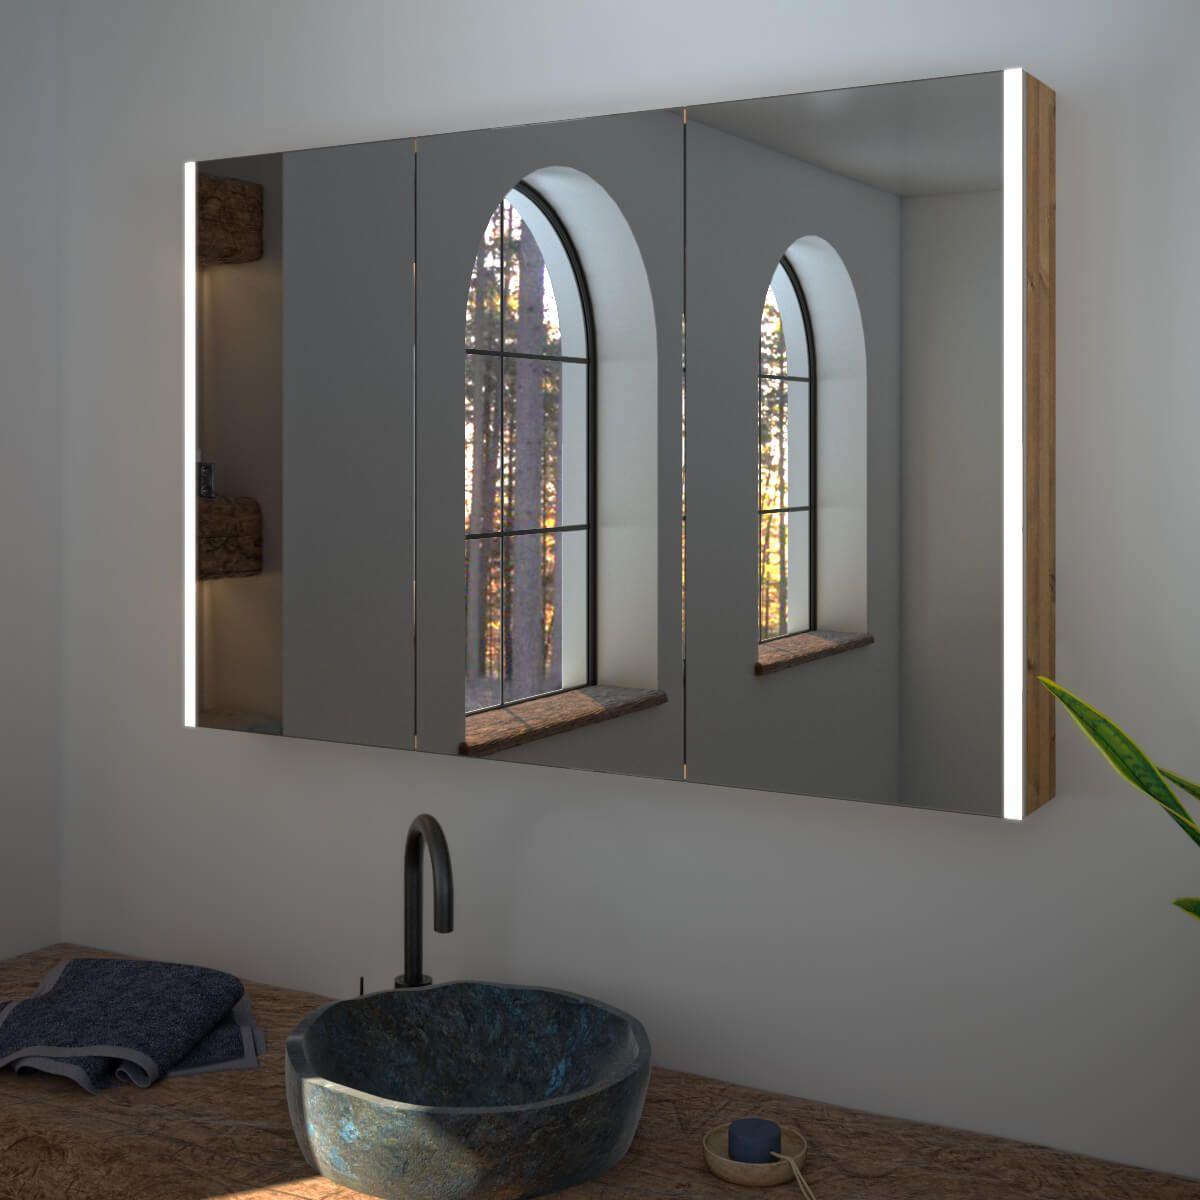 Spiegelschrank Nach Mass Mit Led Credo Sides Spiegelschrank Beleuchtung Spiegelschrank Bad